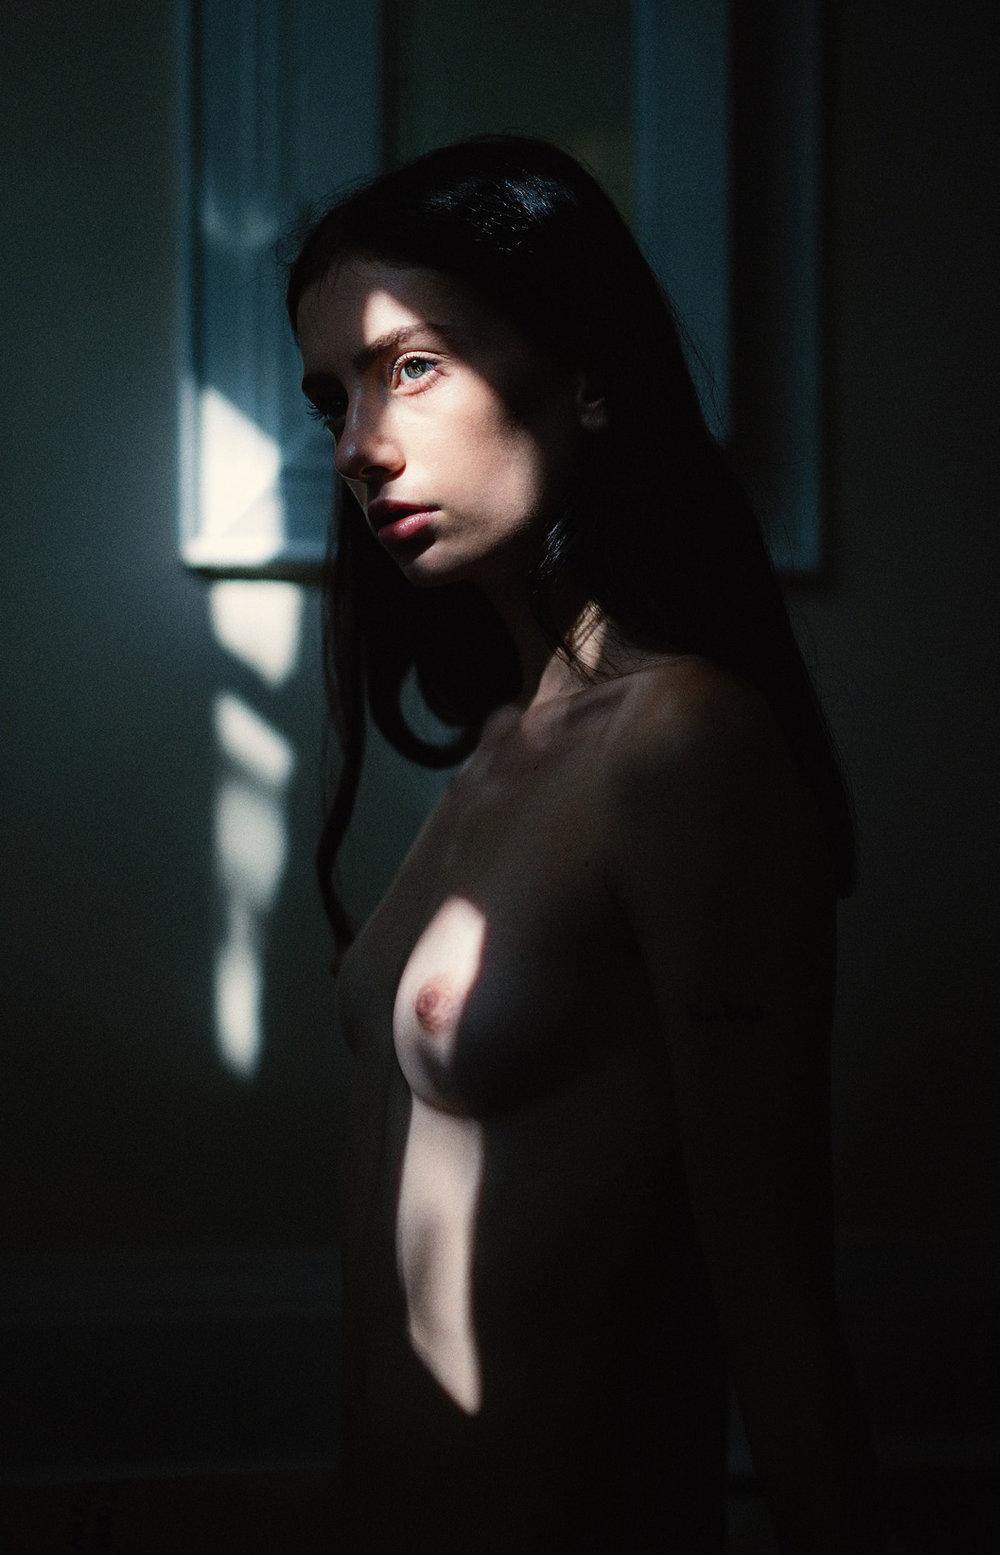 Jesse_Herzog-01.jpg